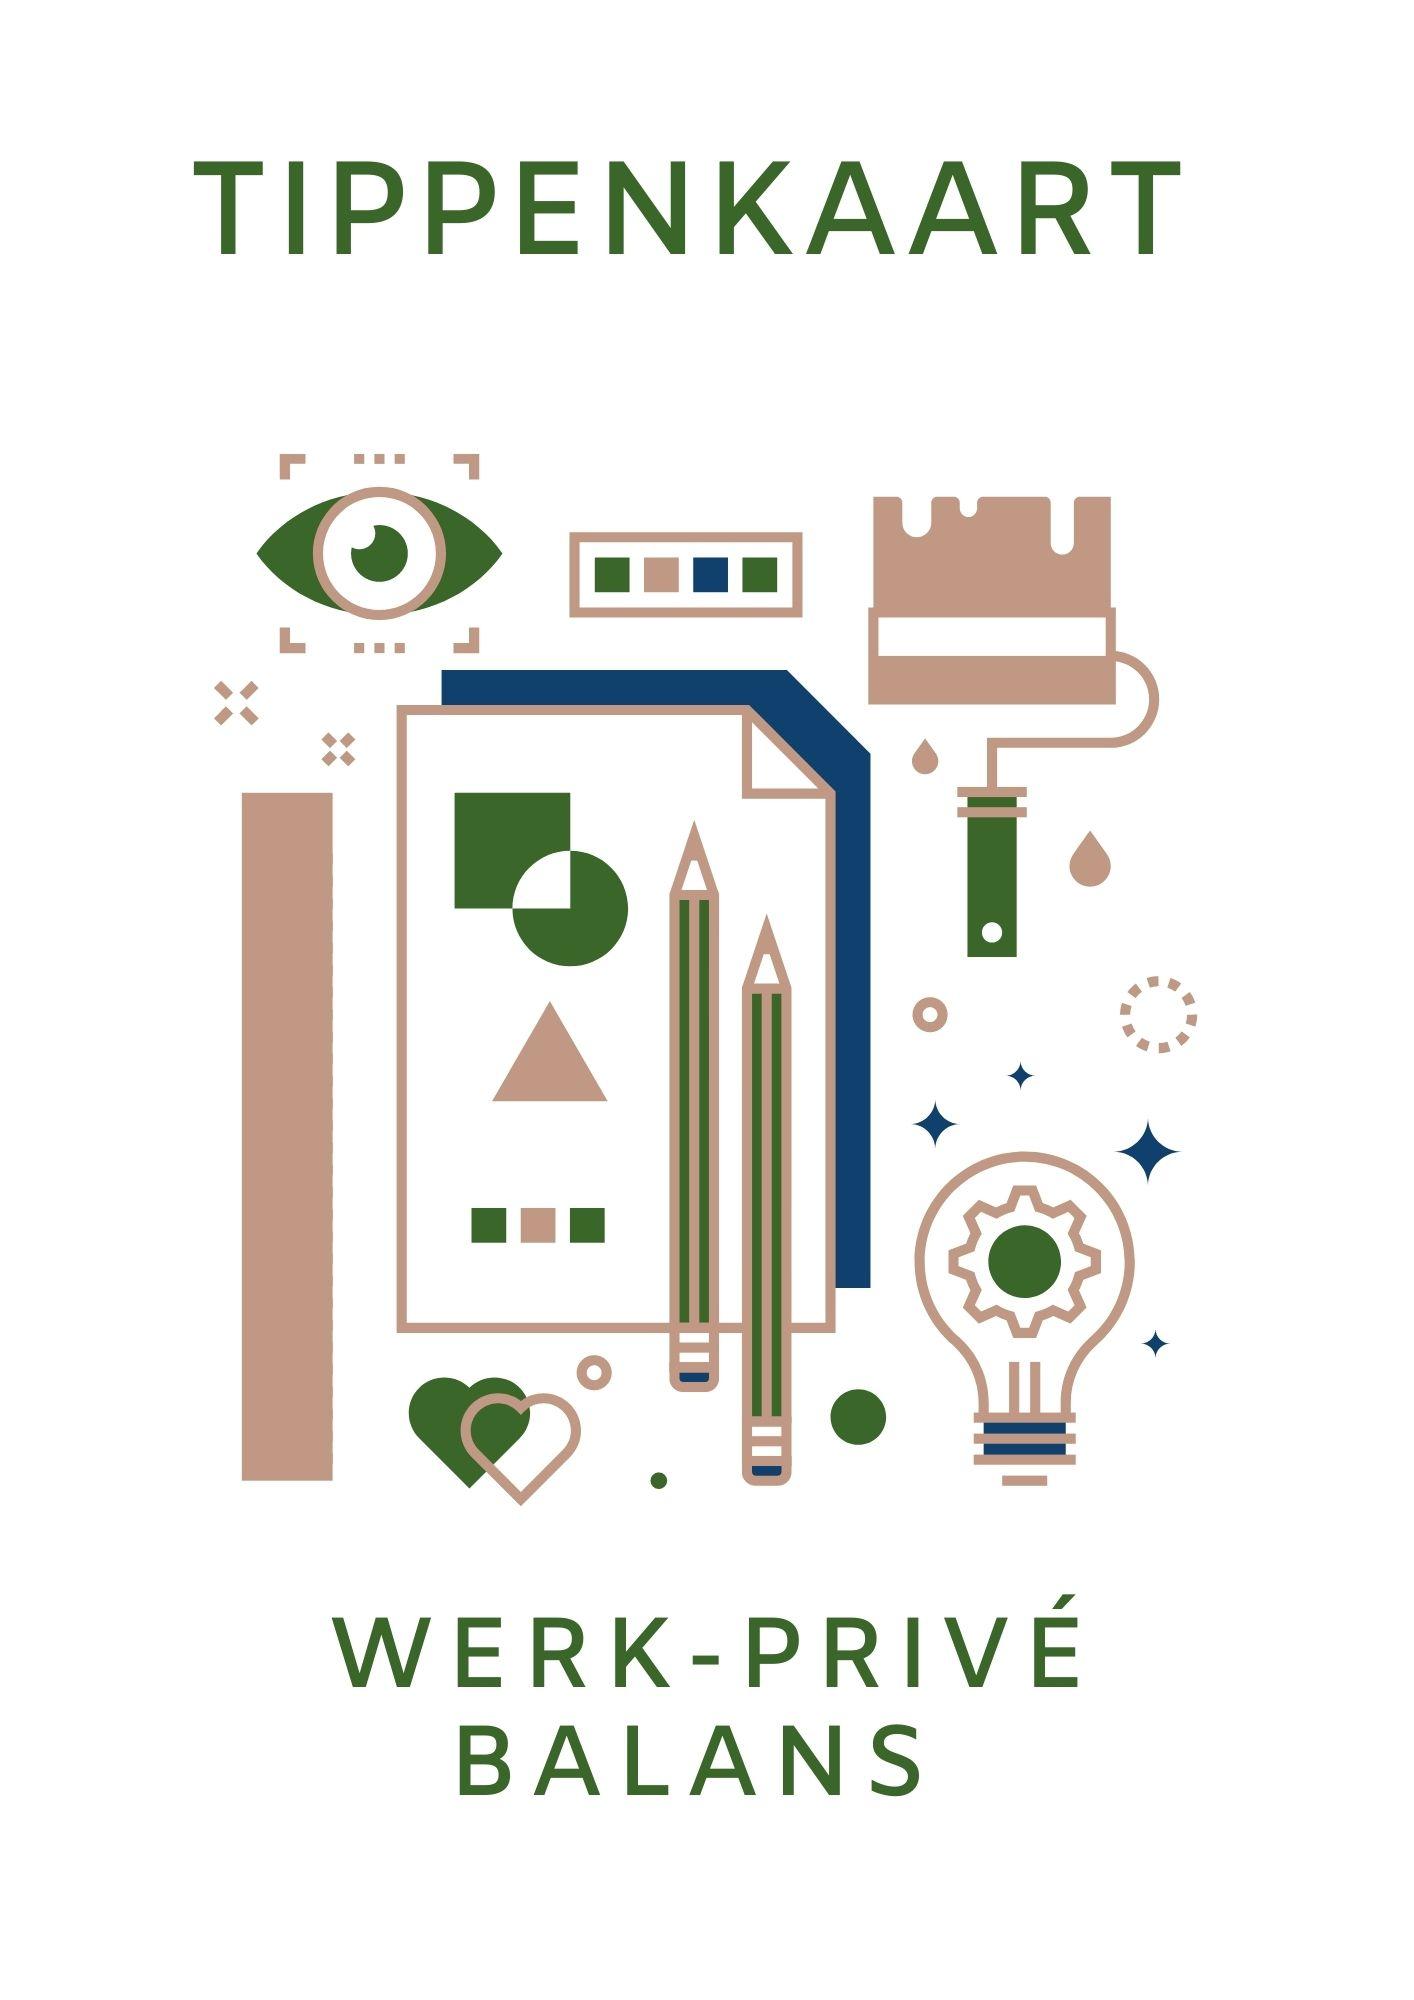 Tippenkaart Werk-Privé balans